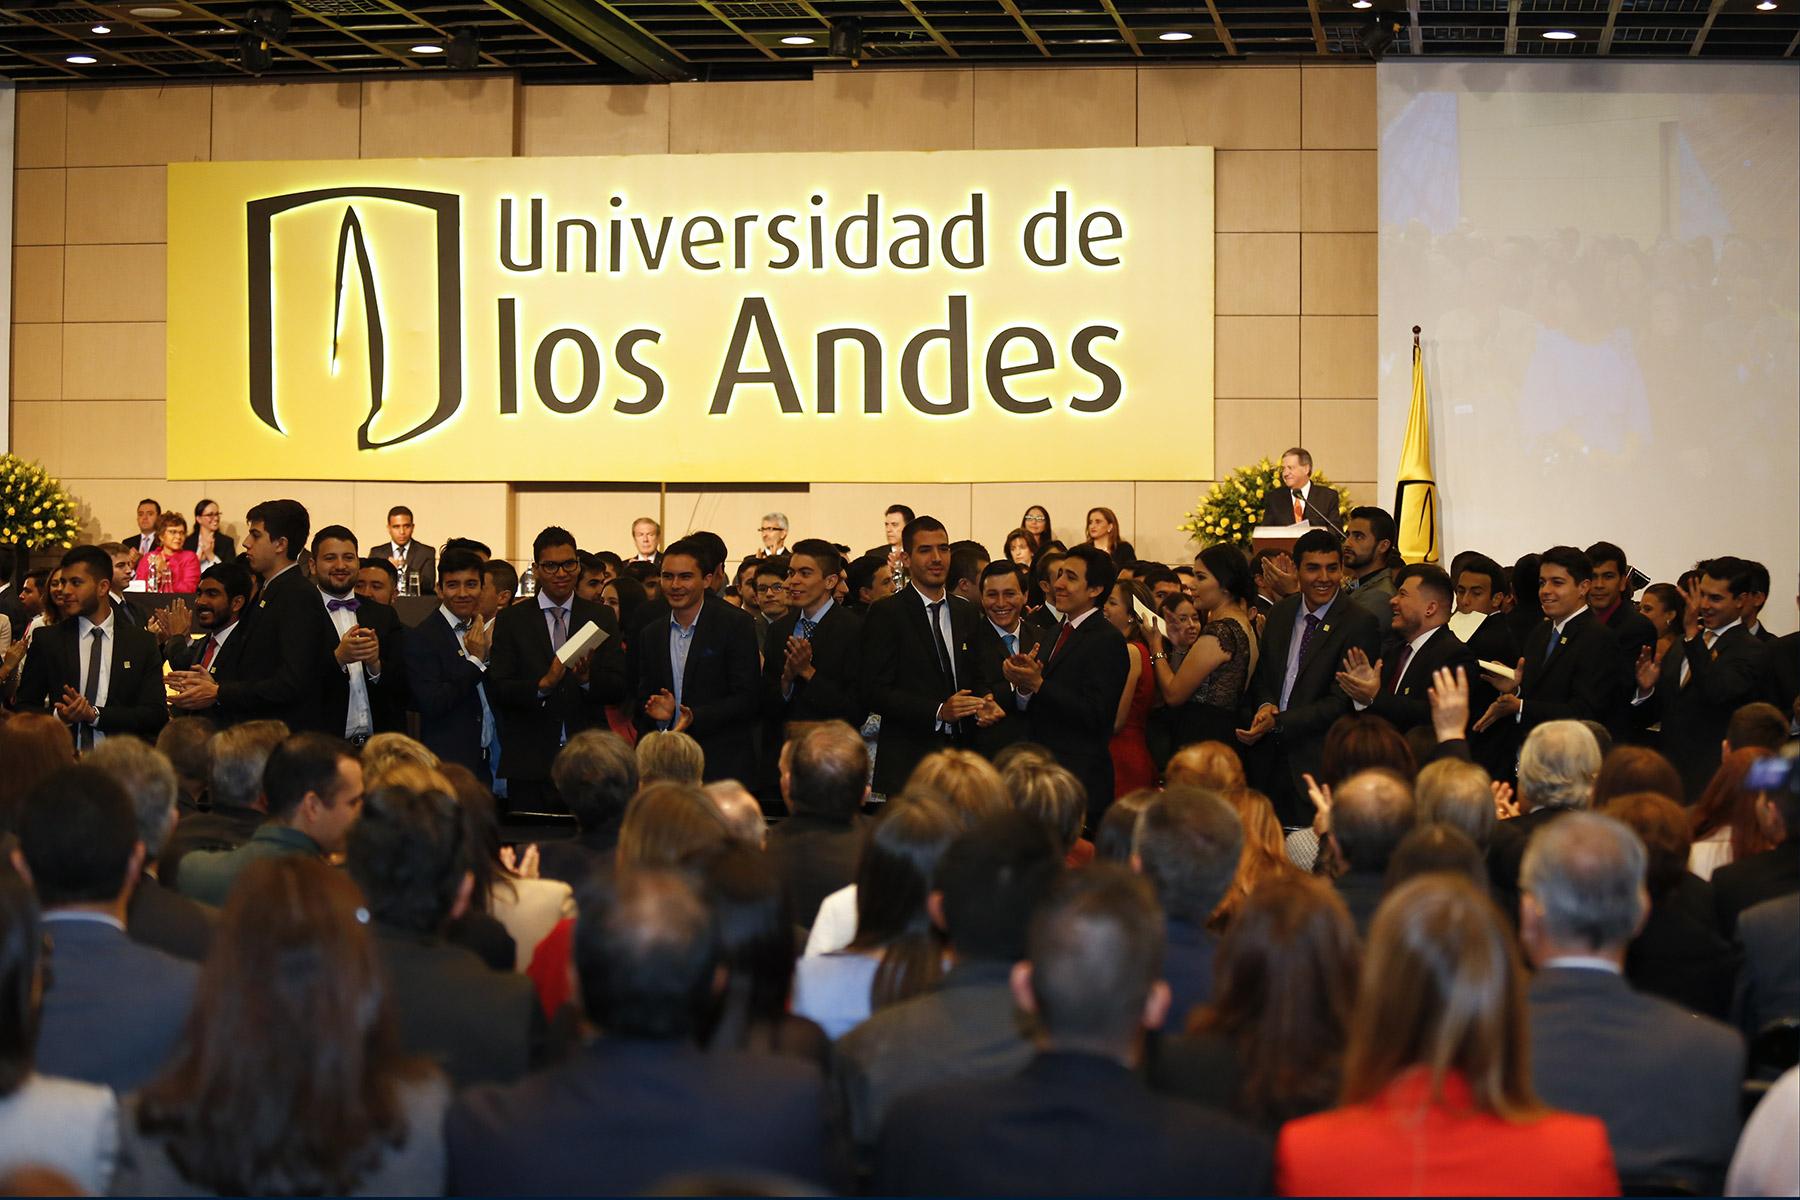 Graduandos durante ceremonia de grados 2017-1 de la Universidad de los Andes